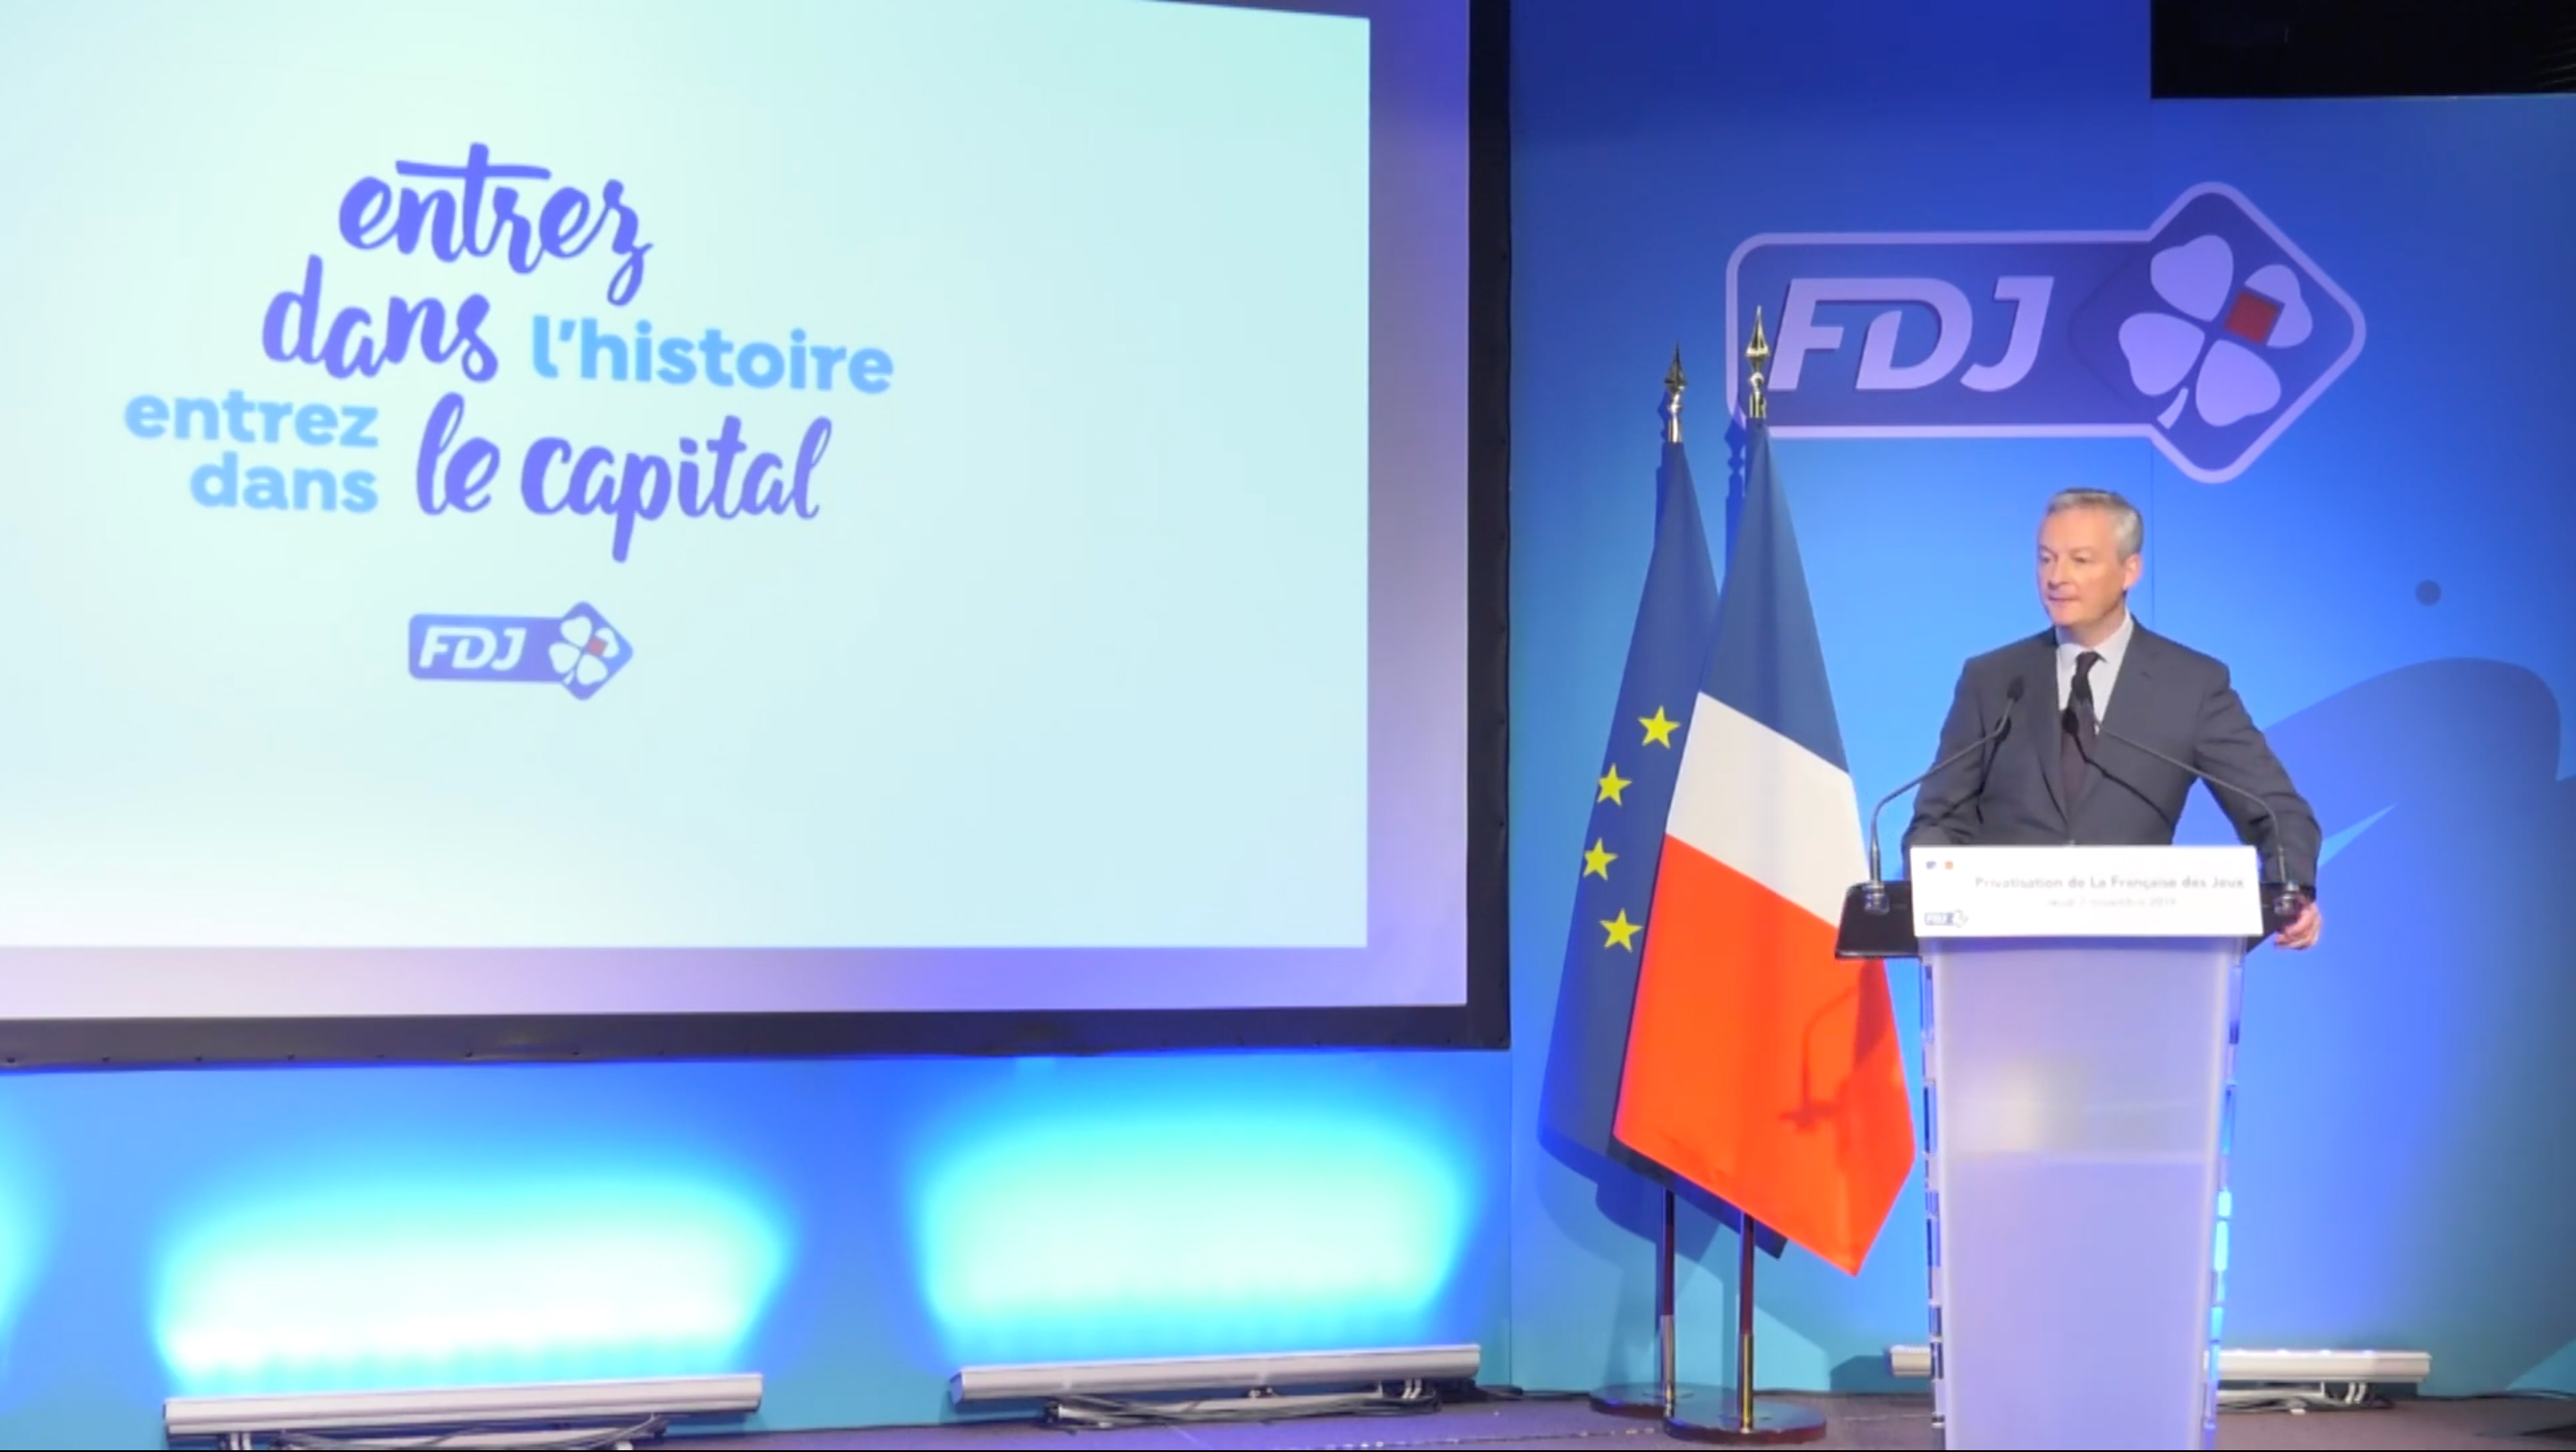 streaming live de la conférence de presse de l'introduction en bourde de la FDJ